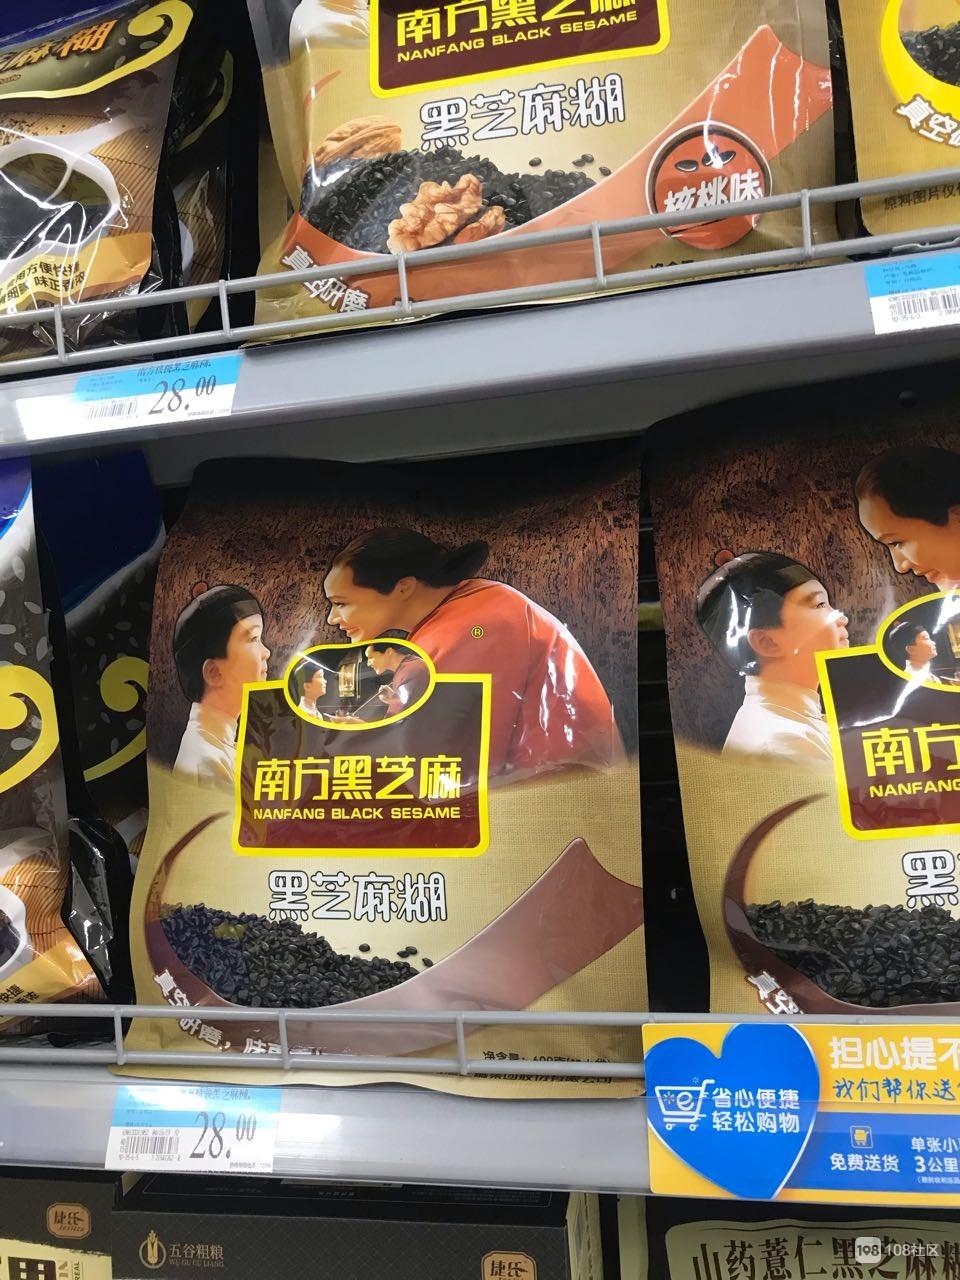 没细看被坑了!新昌人常逛的某超市,这商品差价离谱